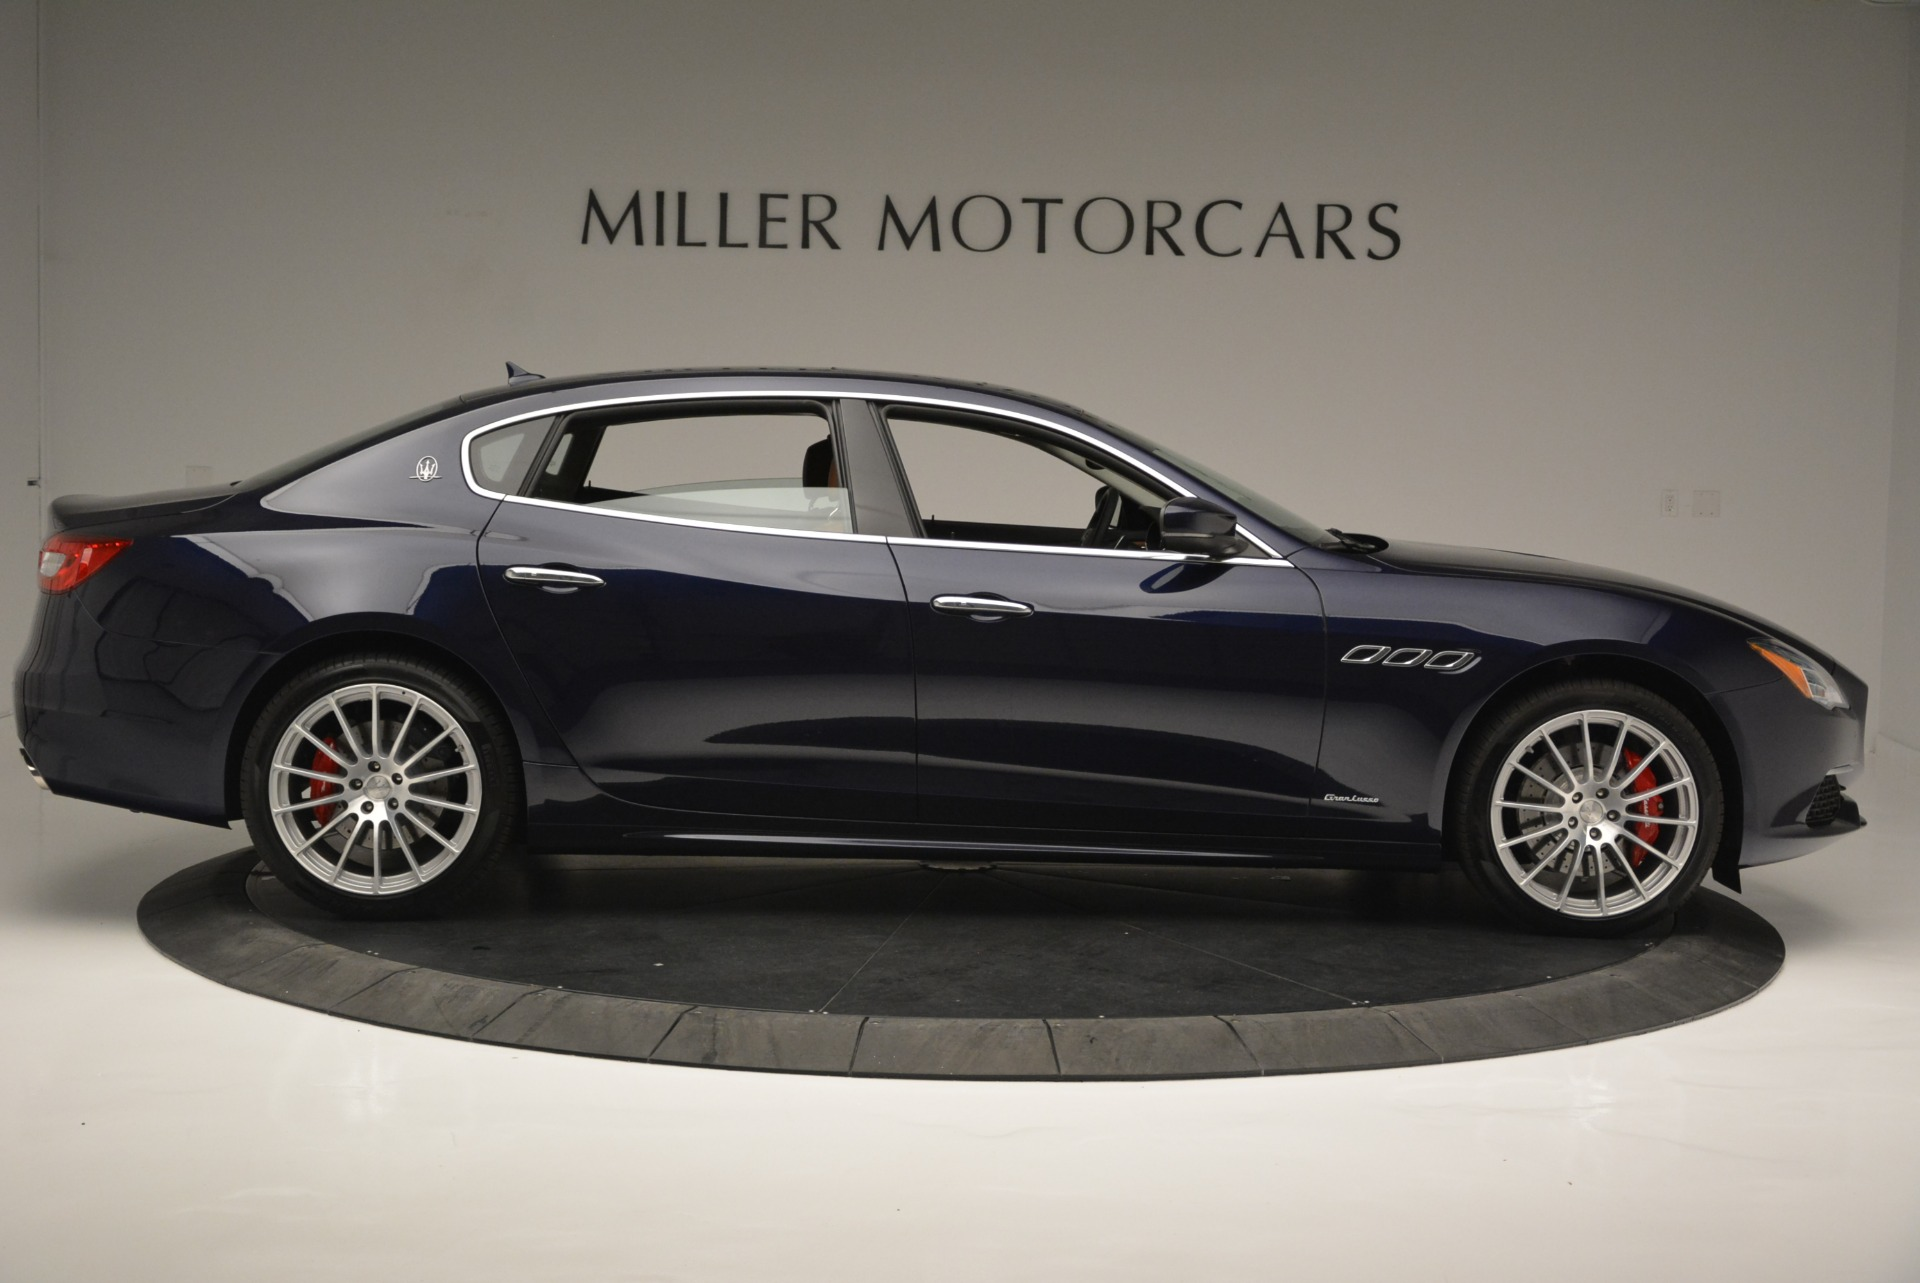 New 2018 Maserati Quattroporte S Q4 GranLusso For Sale In Greenwich, CT. Alfa Romeo of Greenwich, M1992 1859_p10